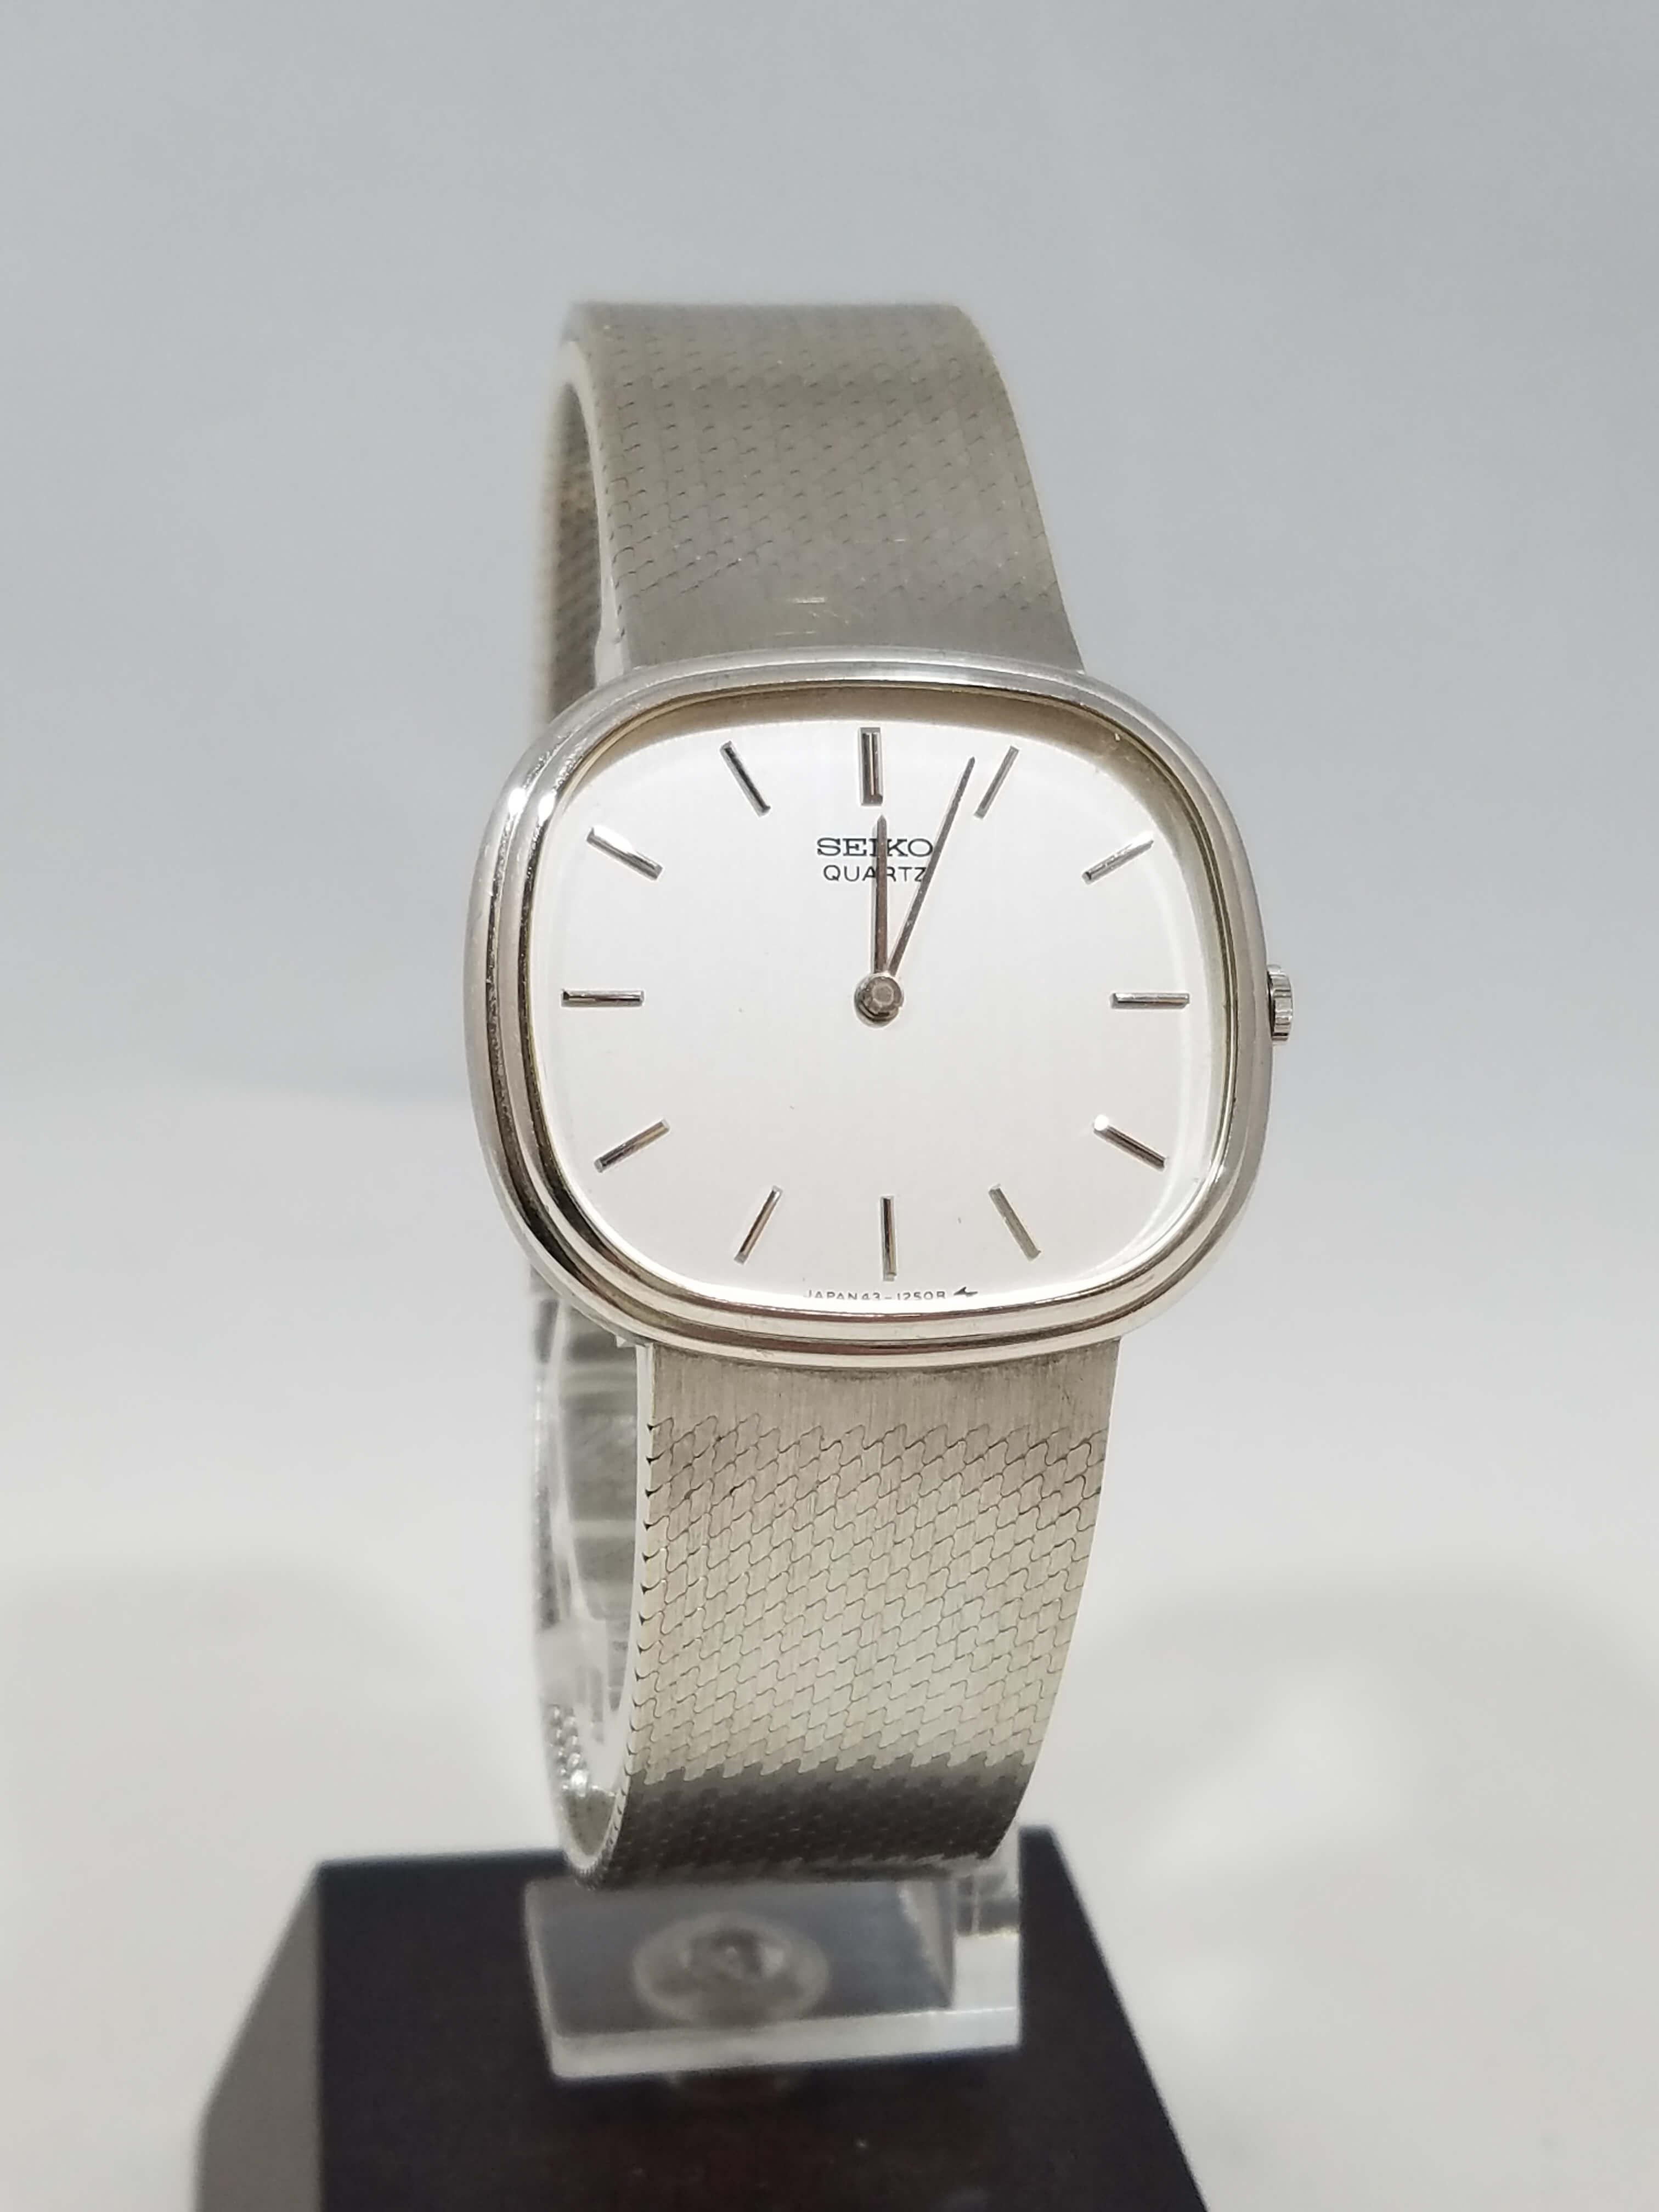 SEIKO(セイコー) セイコー 腕時計 ホワイトゴールド